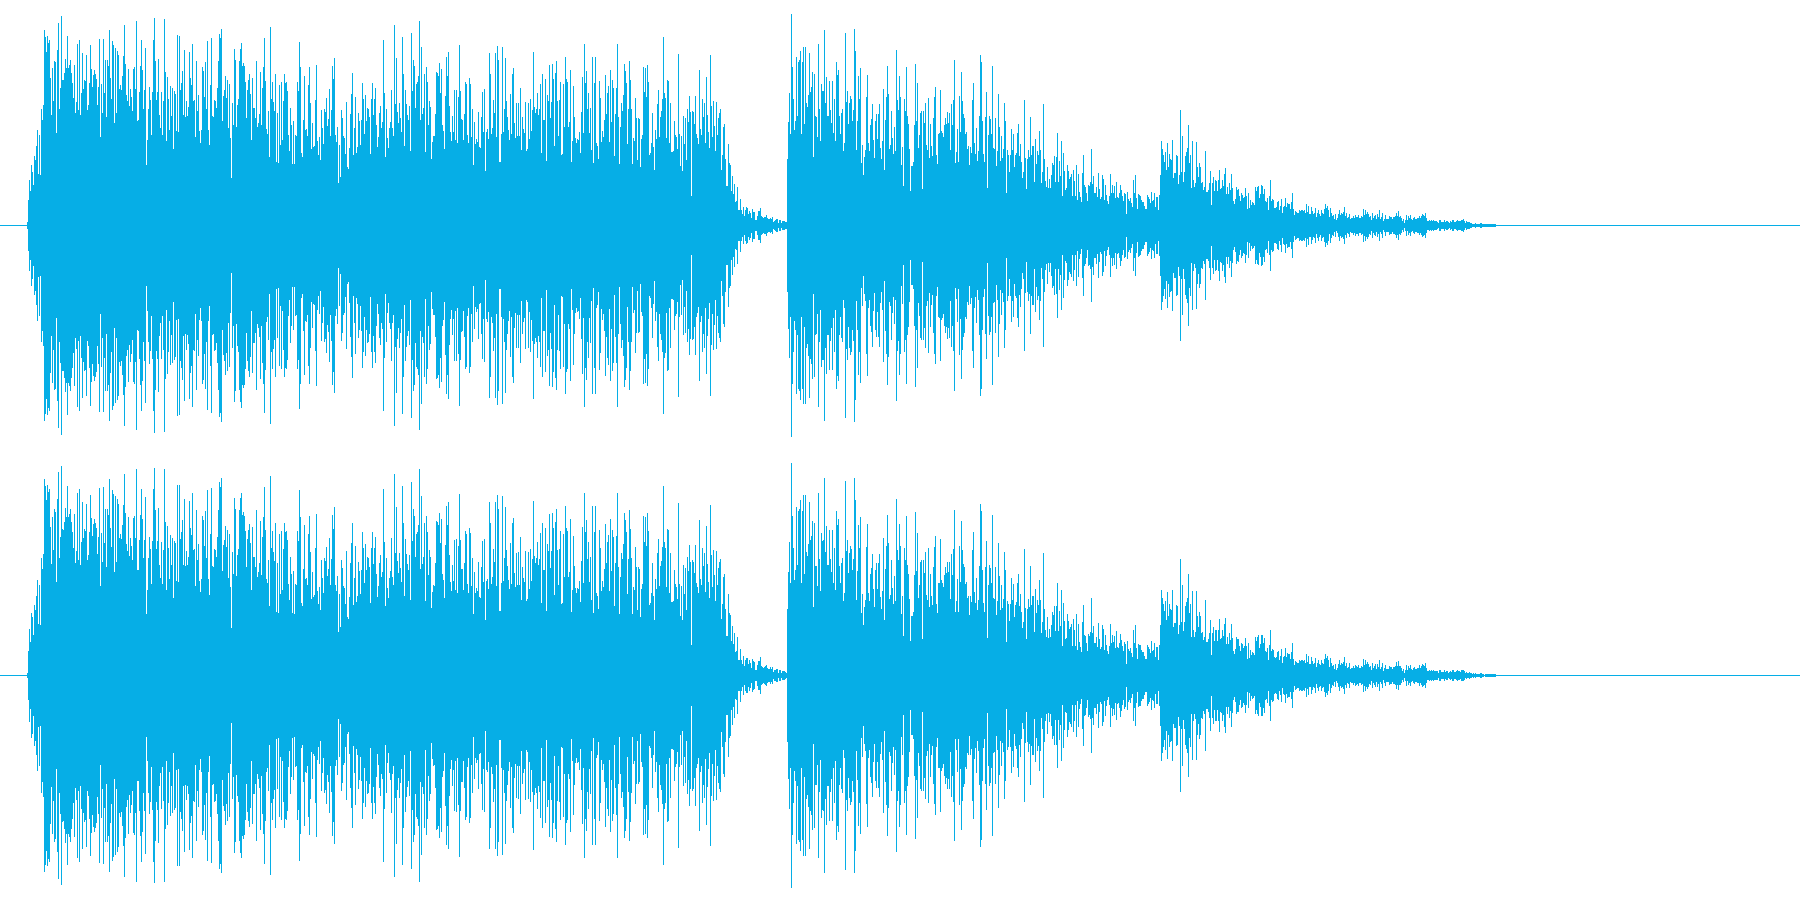 シャーン(高音のハイハット)の再生済みの波形